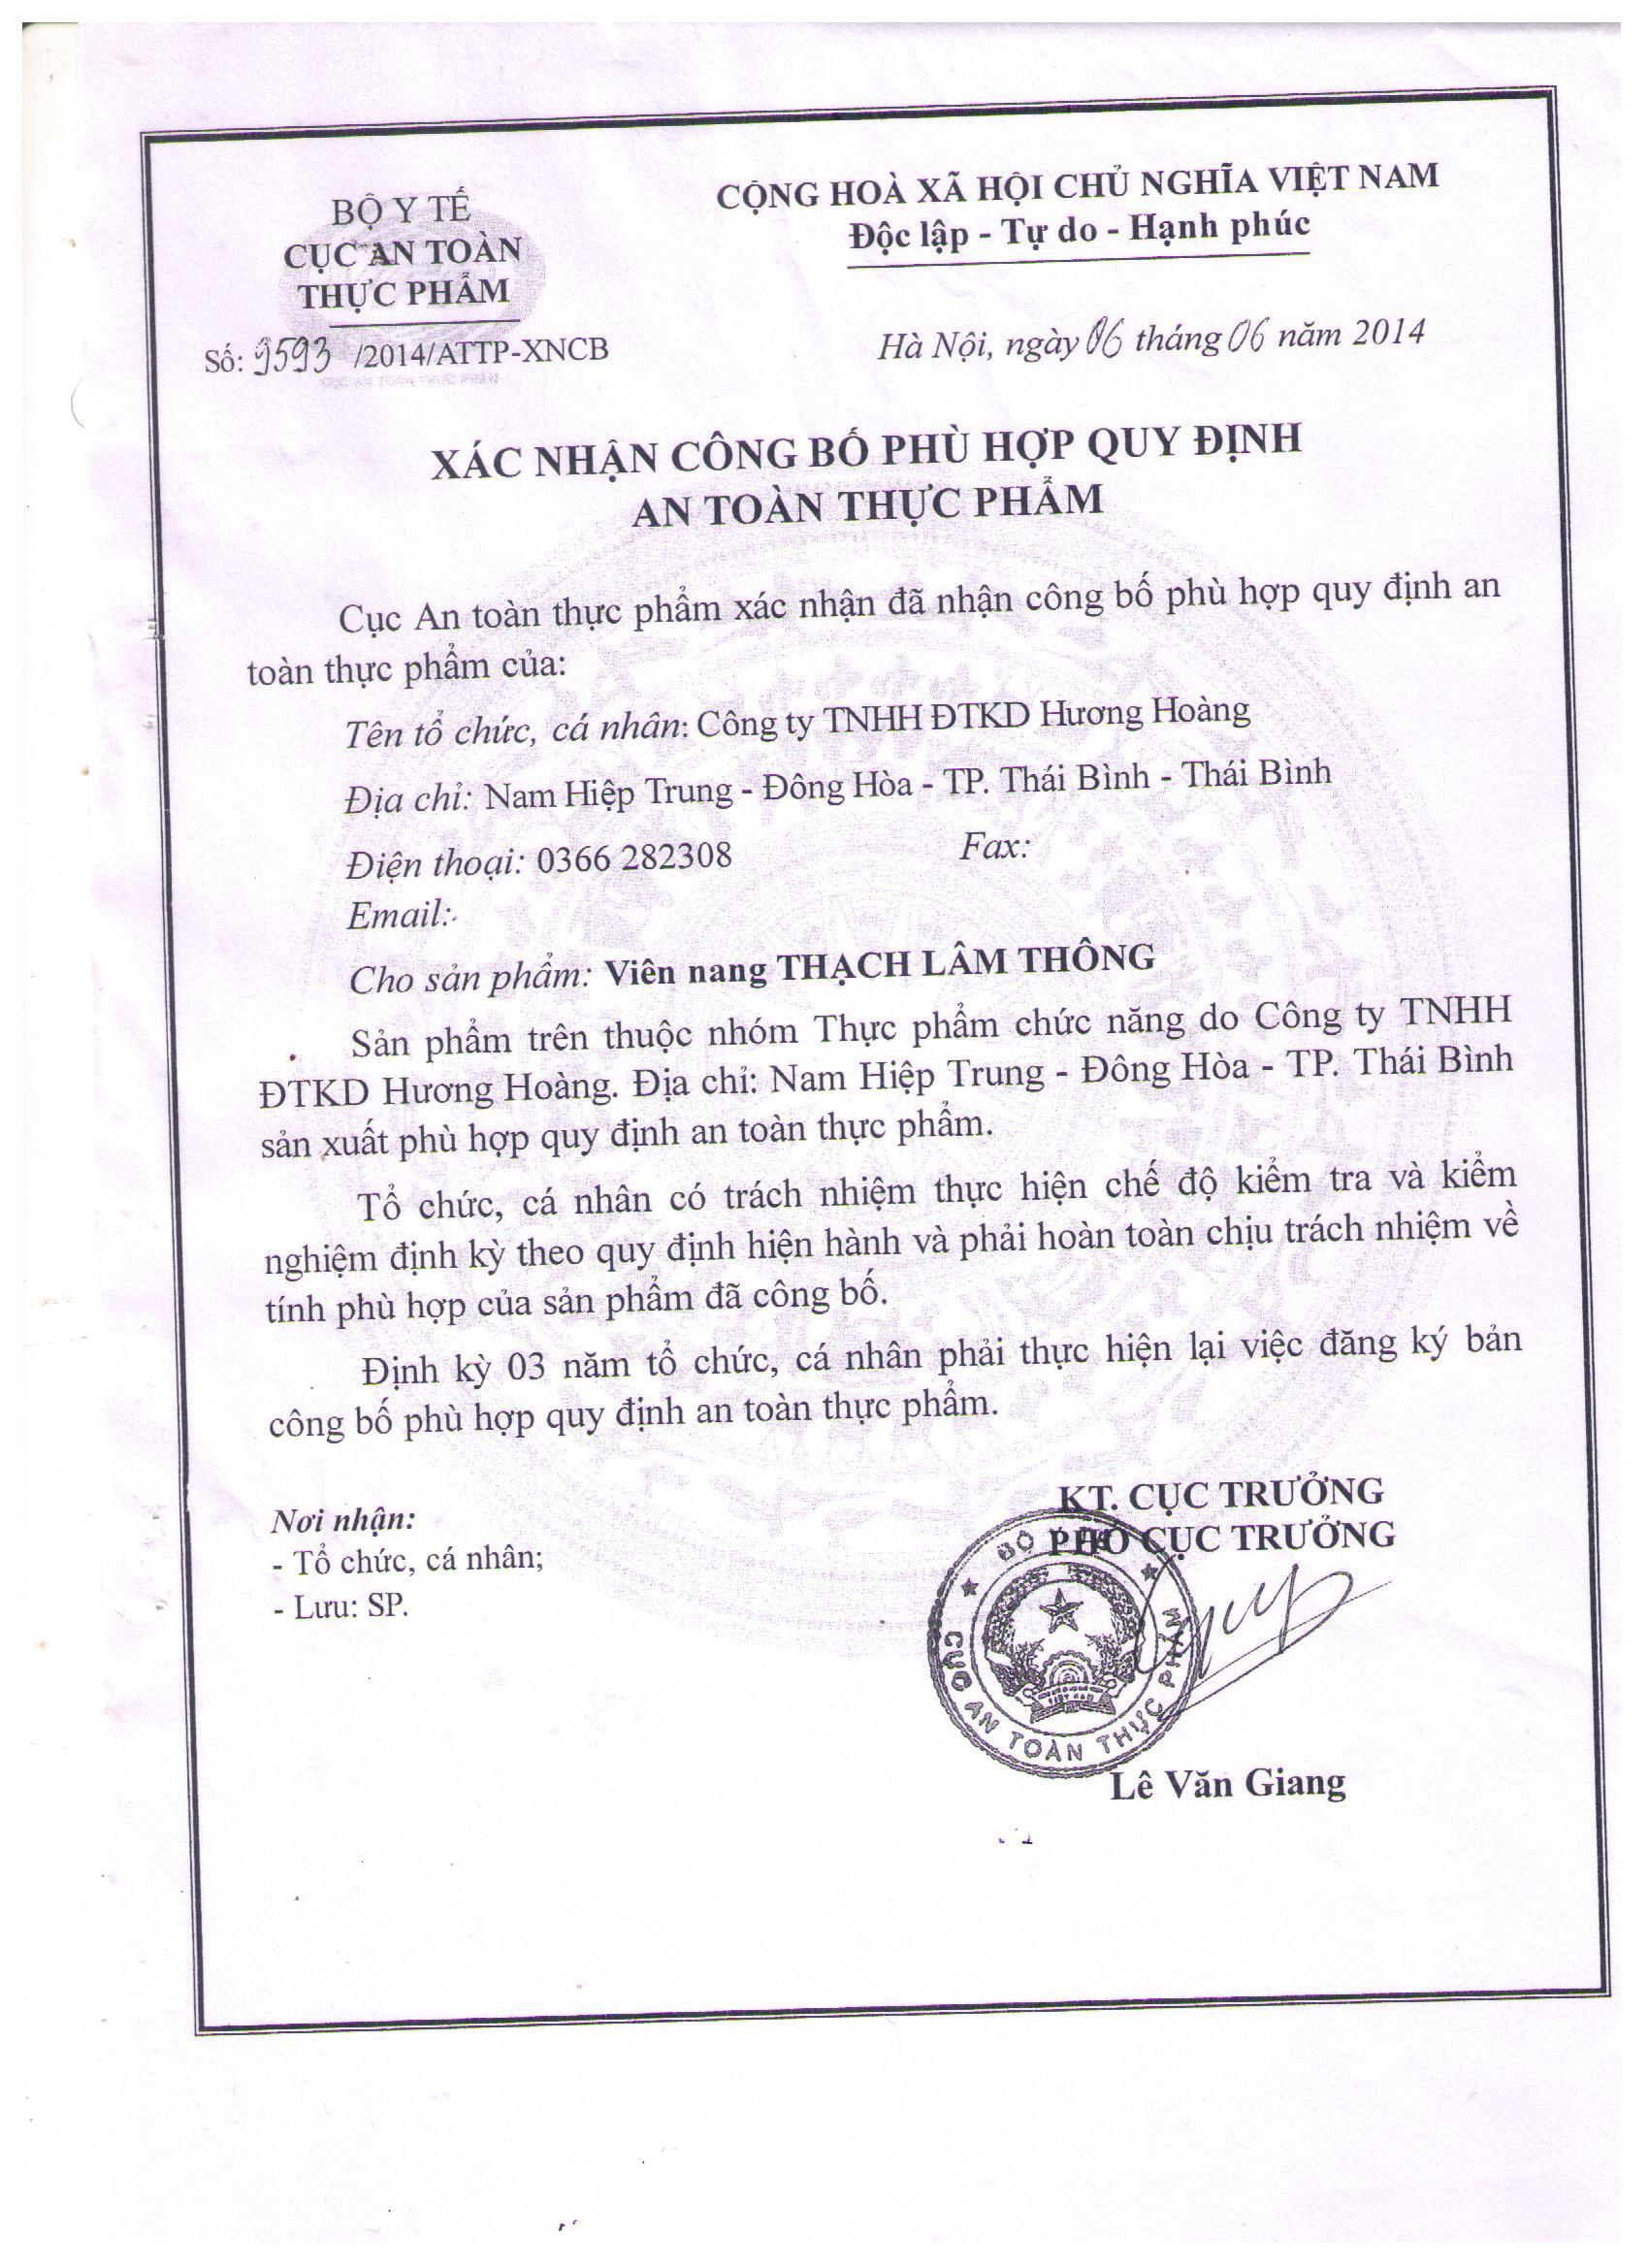 HH 14.6.6 Thach lam thong